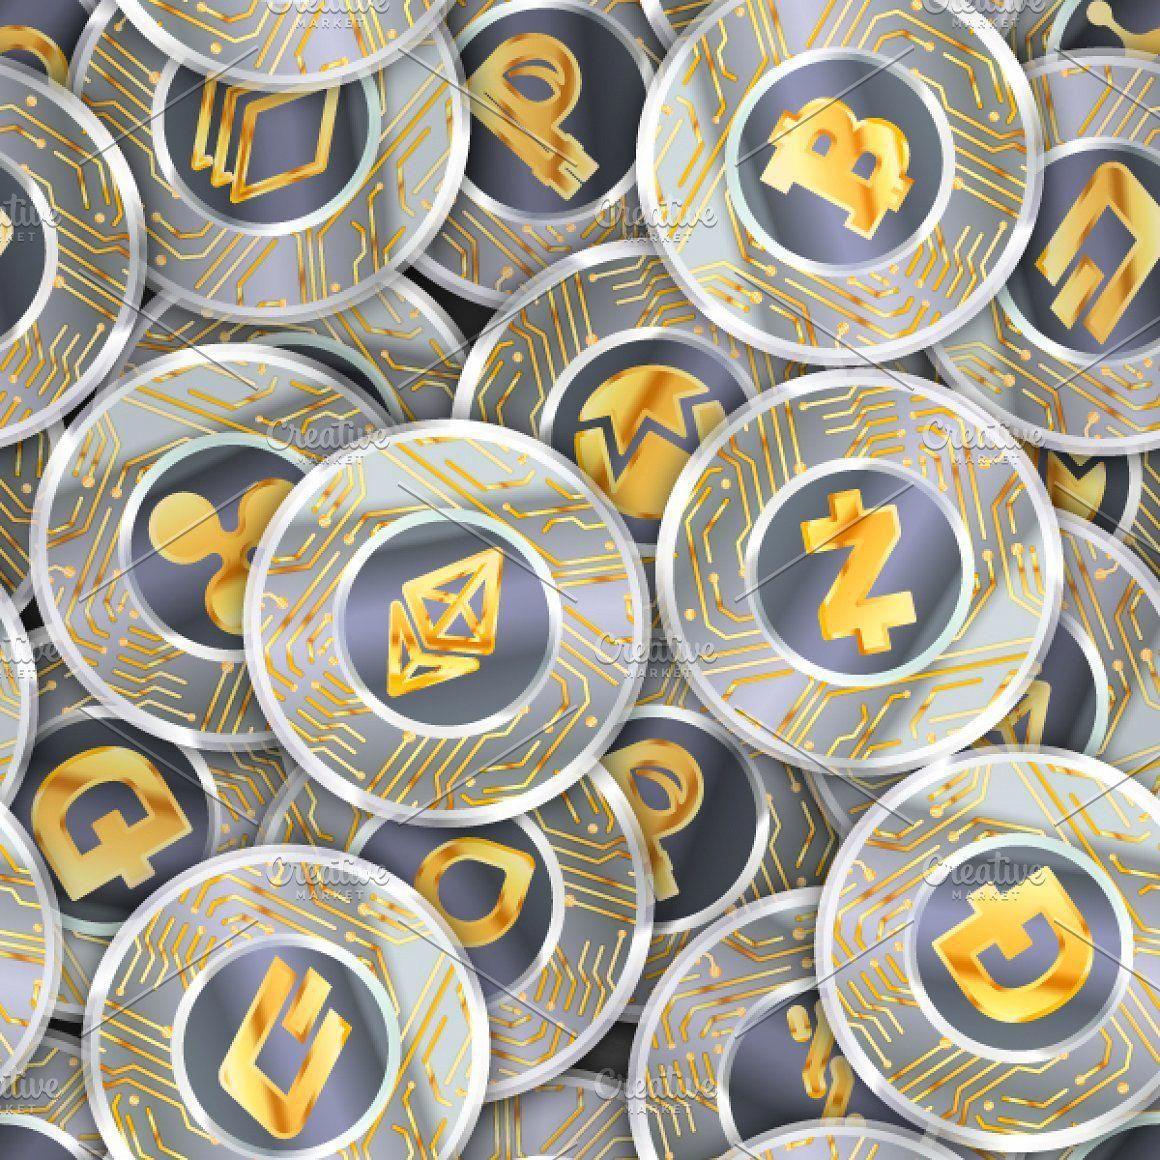 The pros and cons of Bitcoin Bitcoin logo